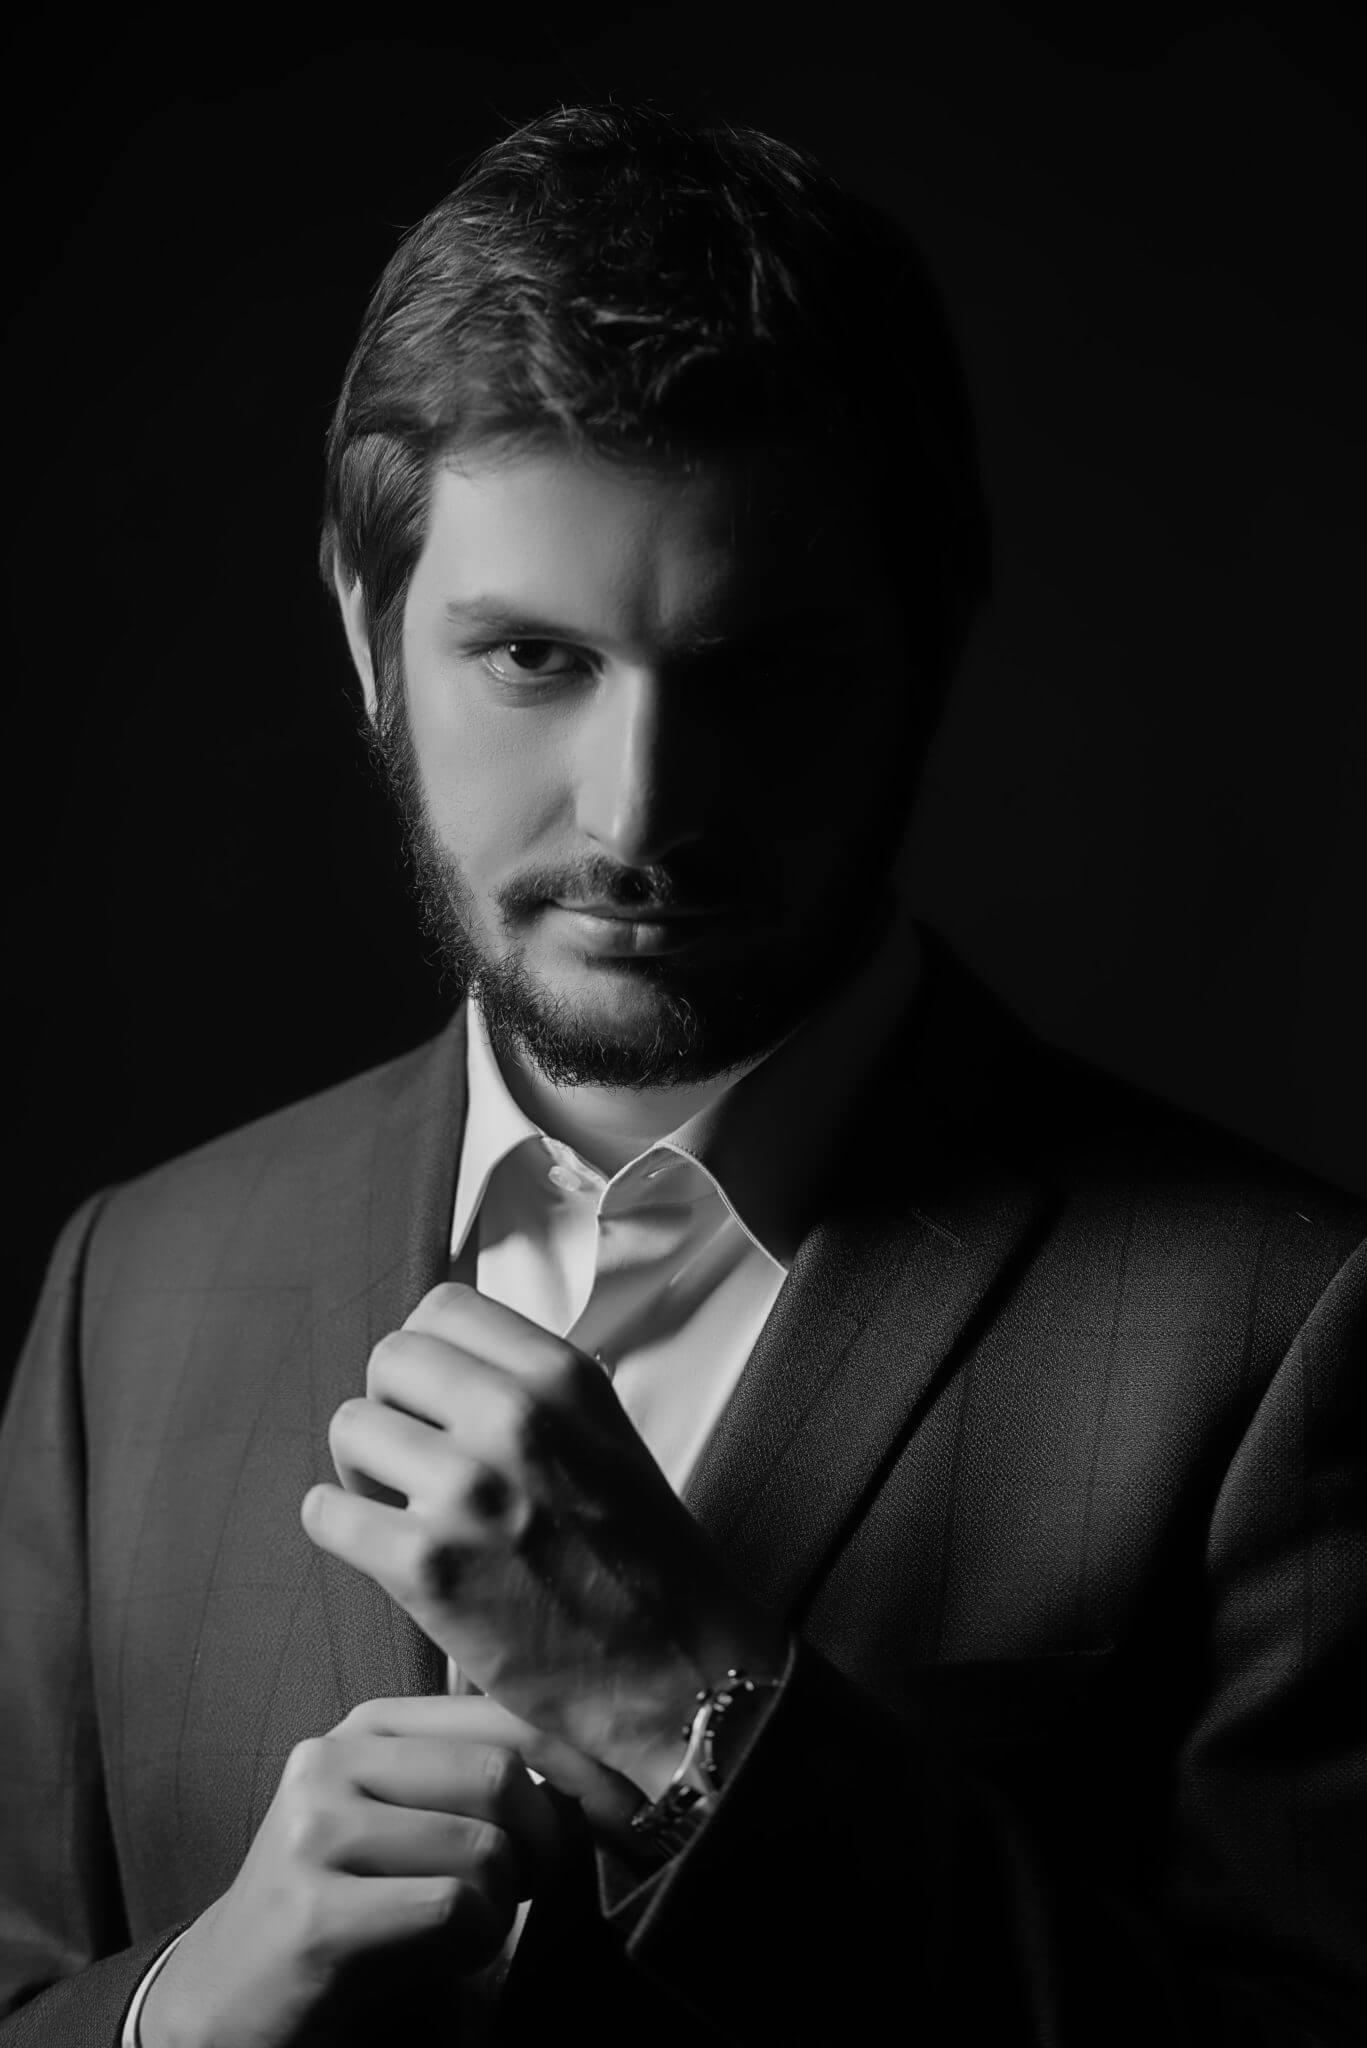 Деловой портрет, бизнес портфолио, портрет мужчины в пиджаке, черно-белое фото